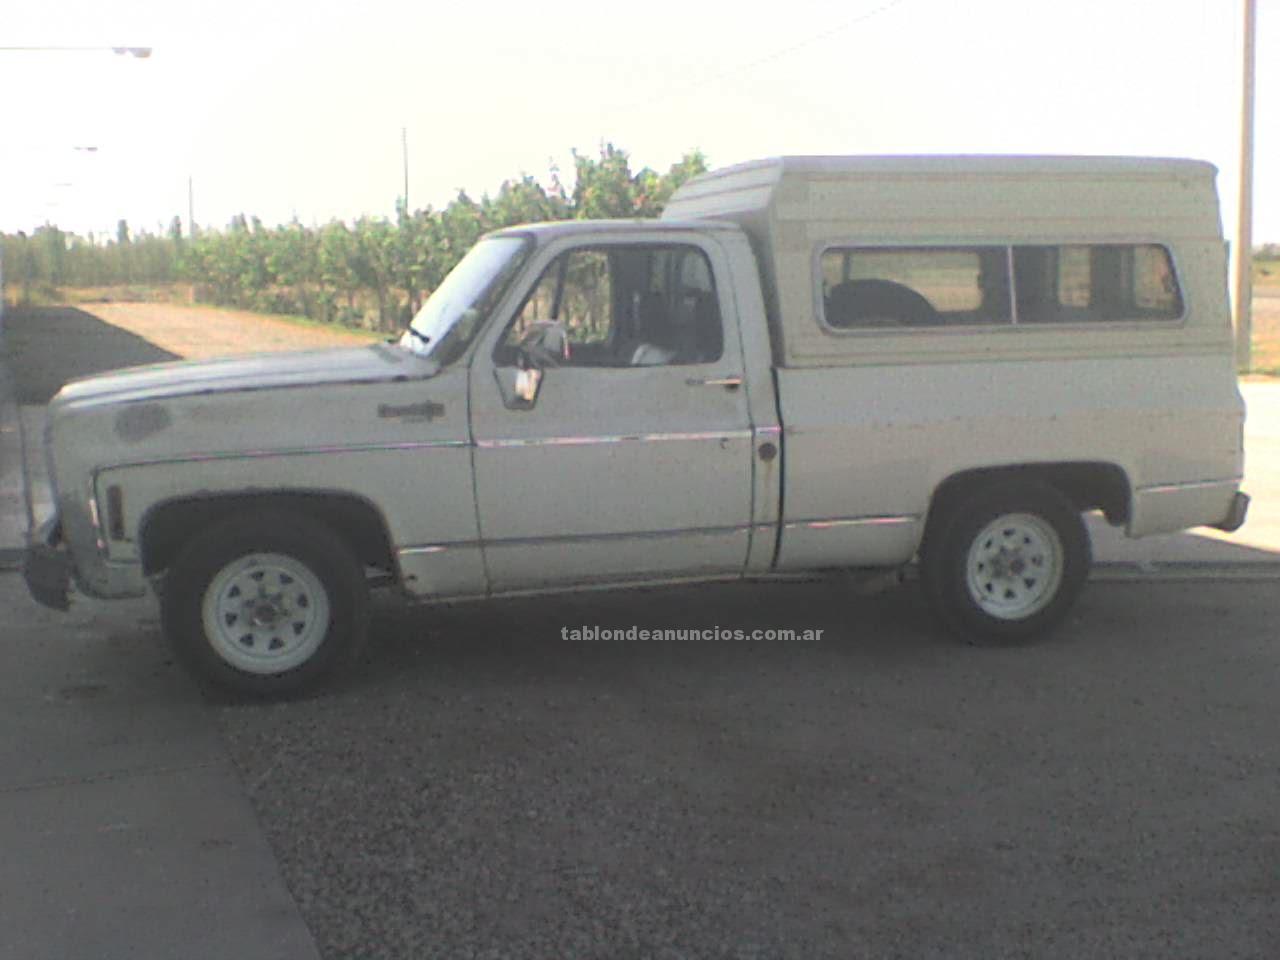 Automoviles: Chevrolet 77 con cupula y gnc